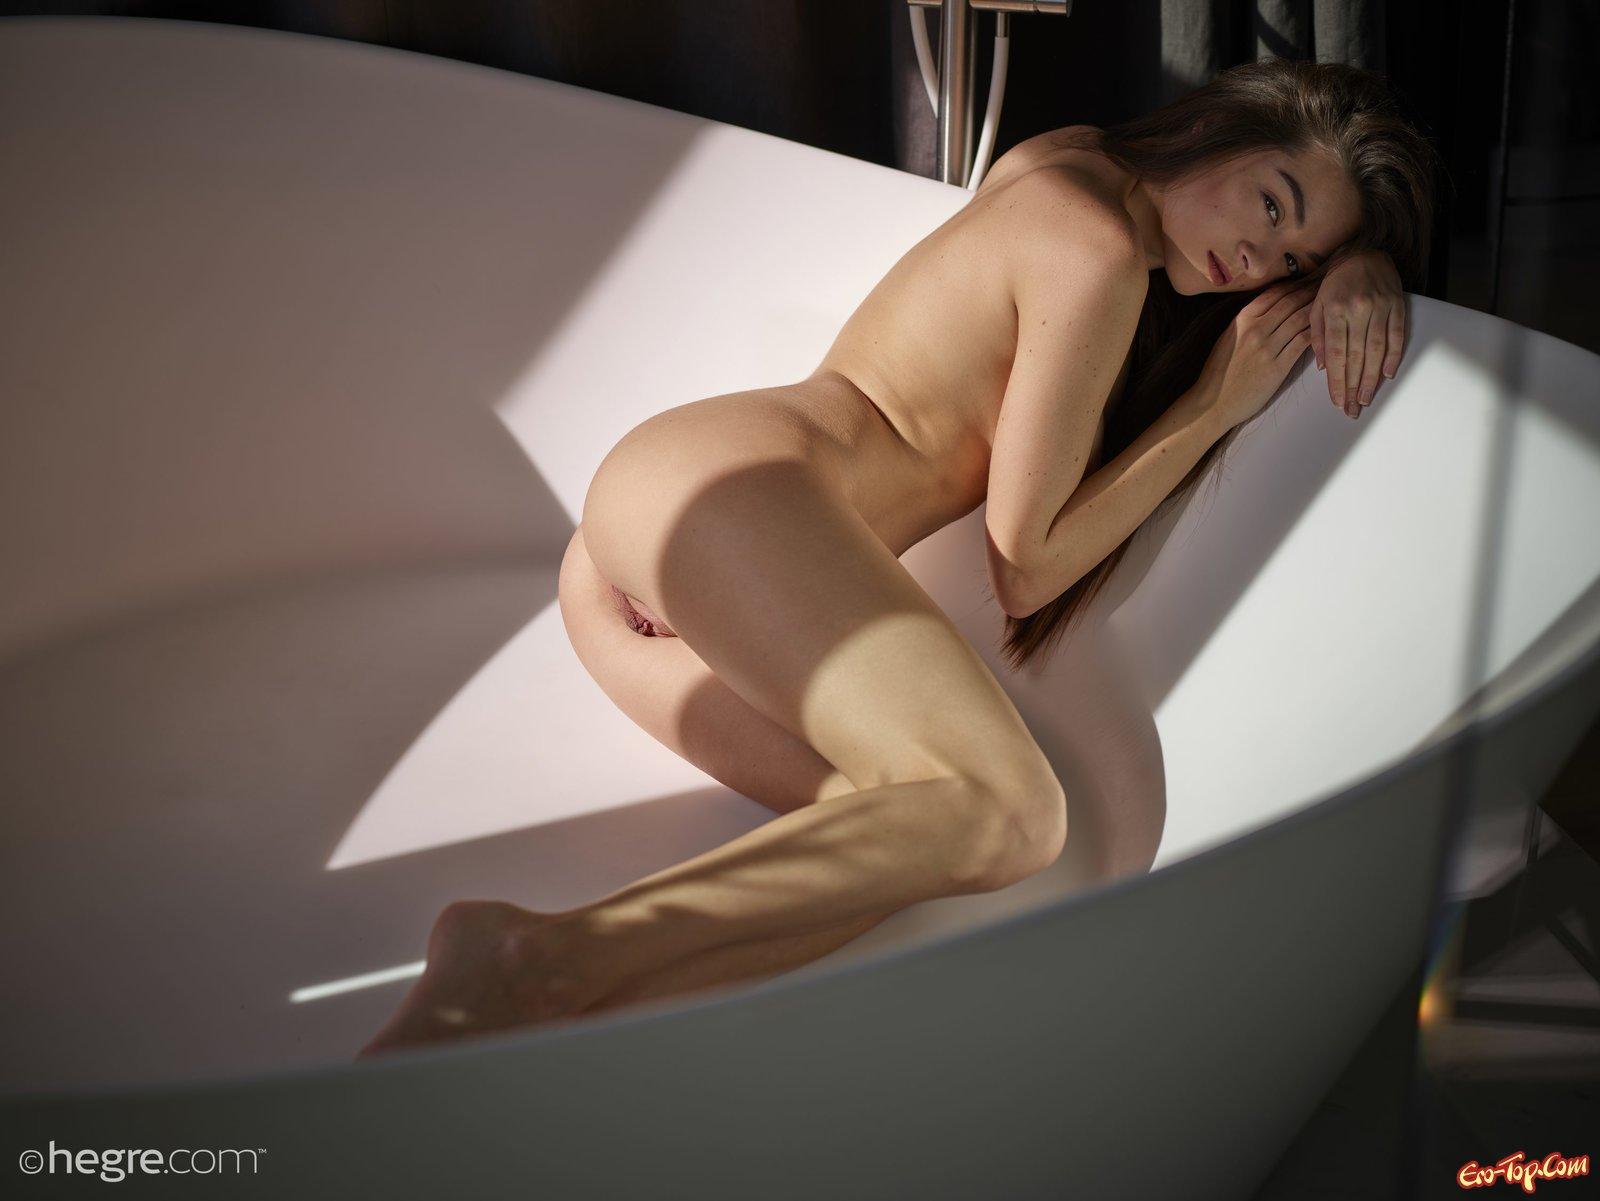 Вам лижет после туалета лесби верю!!!